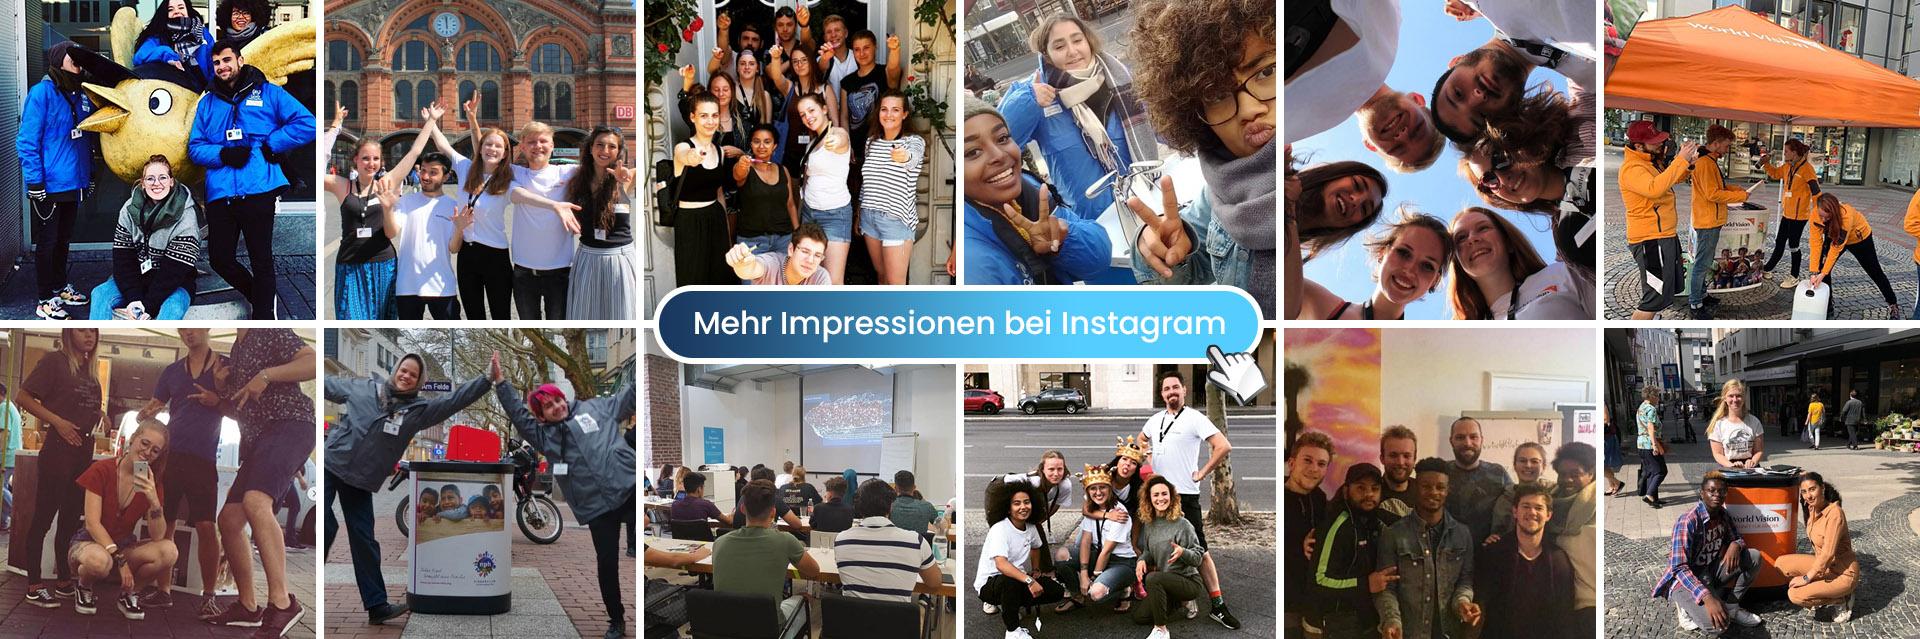 dasbesteteam-instagram-feed-1